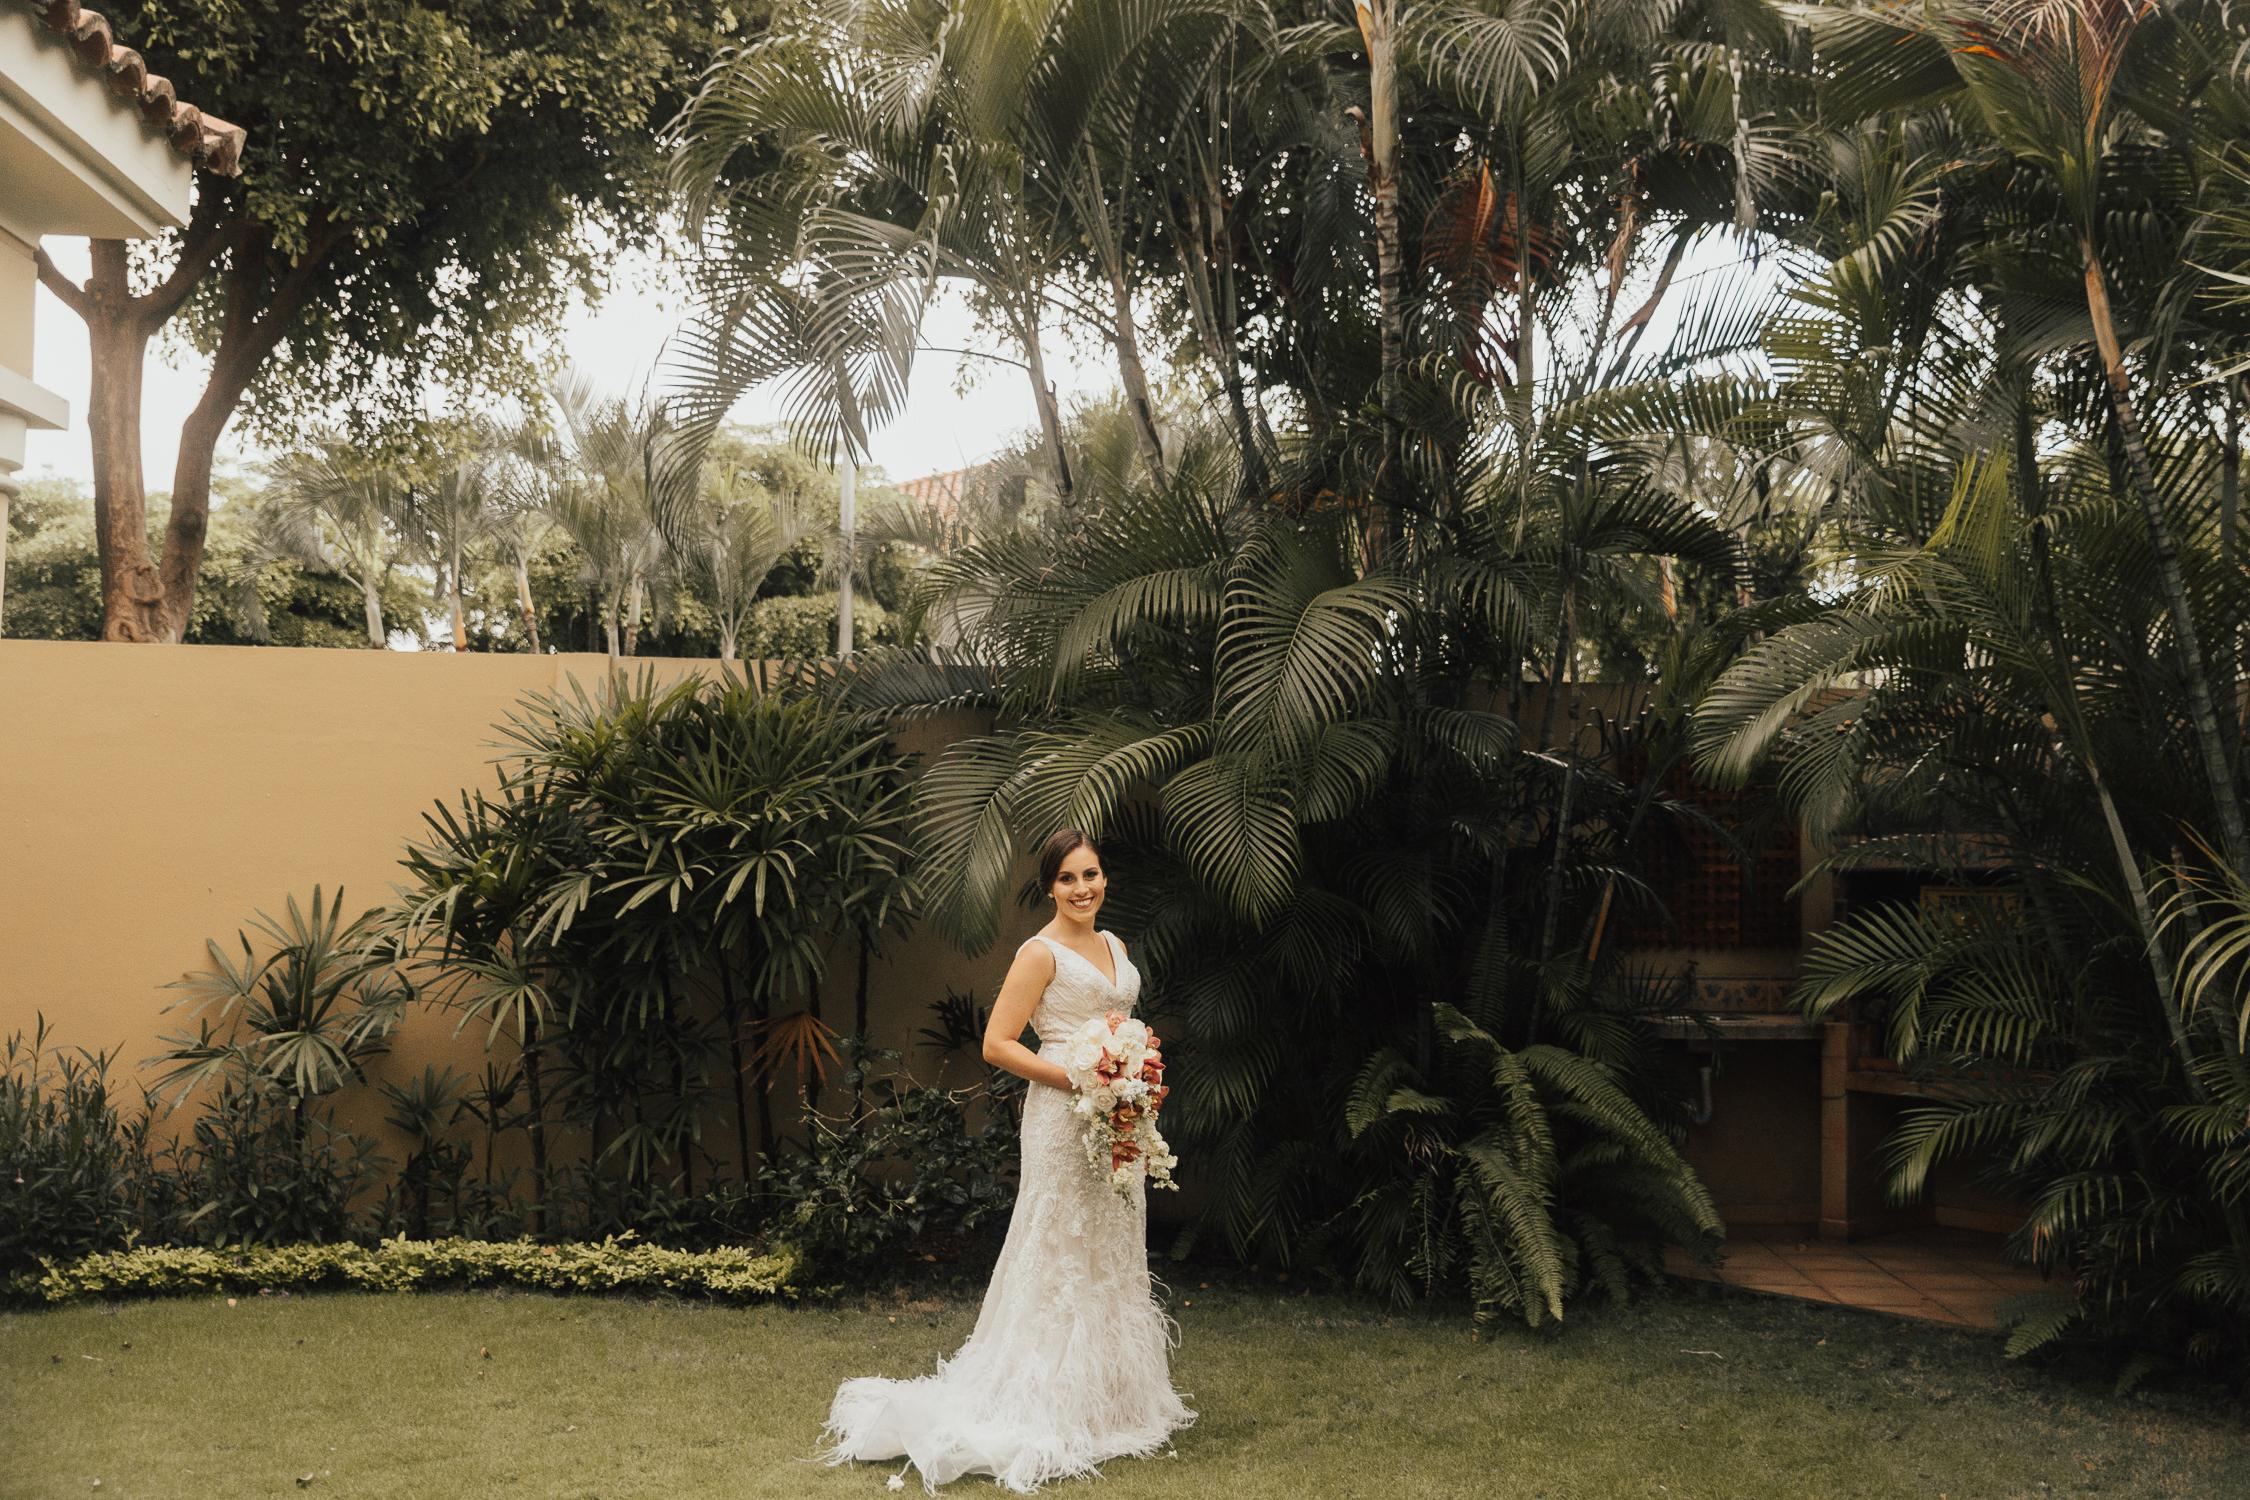 Michelle-Agurto-Fotografia-Bodas-Ecuador-Destination-Wedding-Photographer-Ecuador-Mercedes-Alvaro-23.JPG